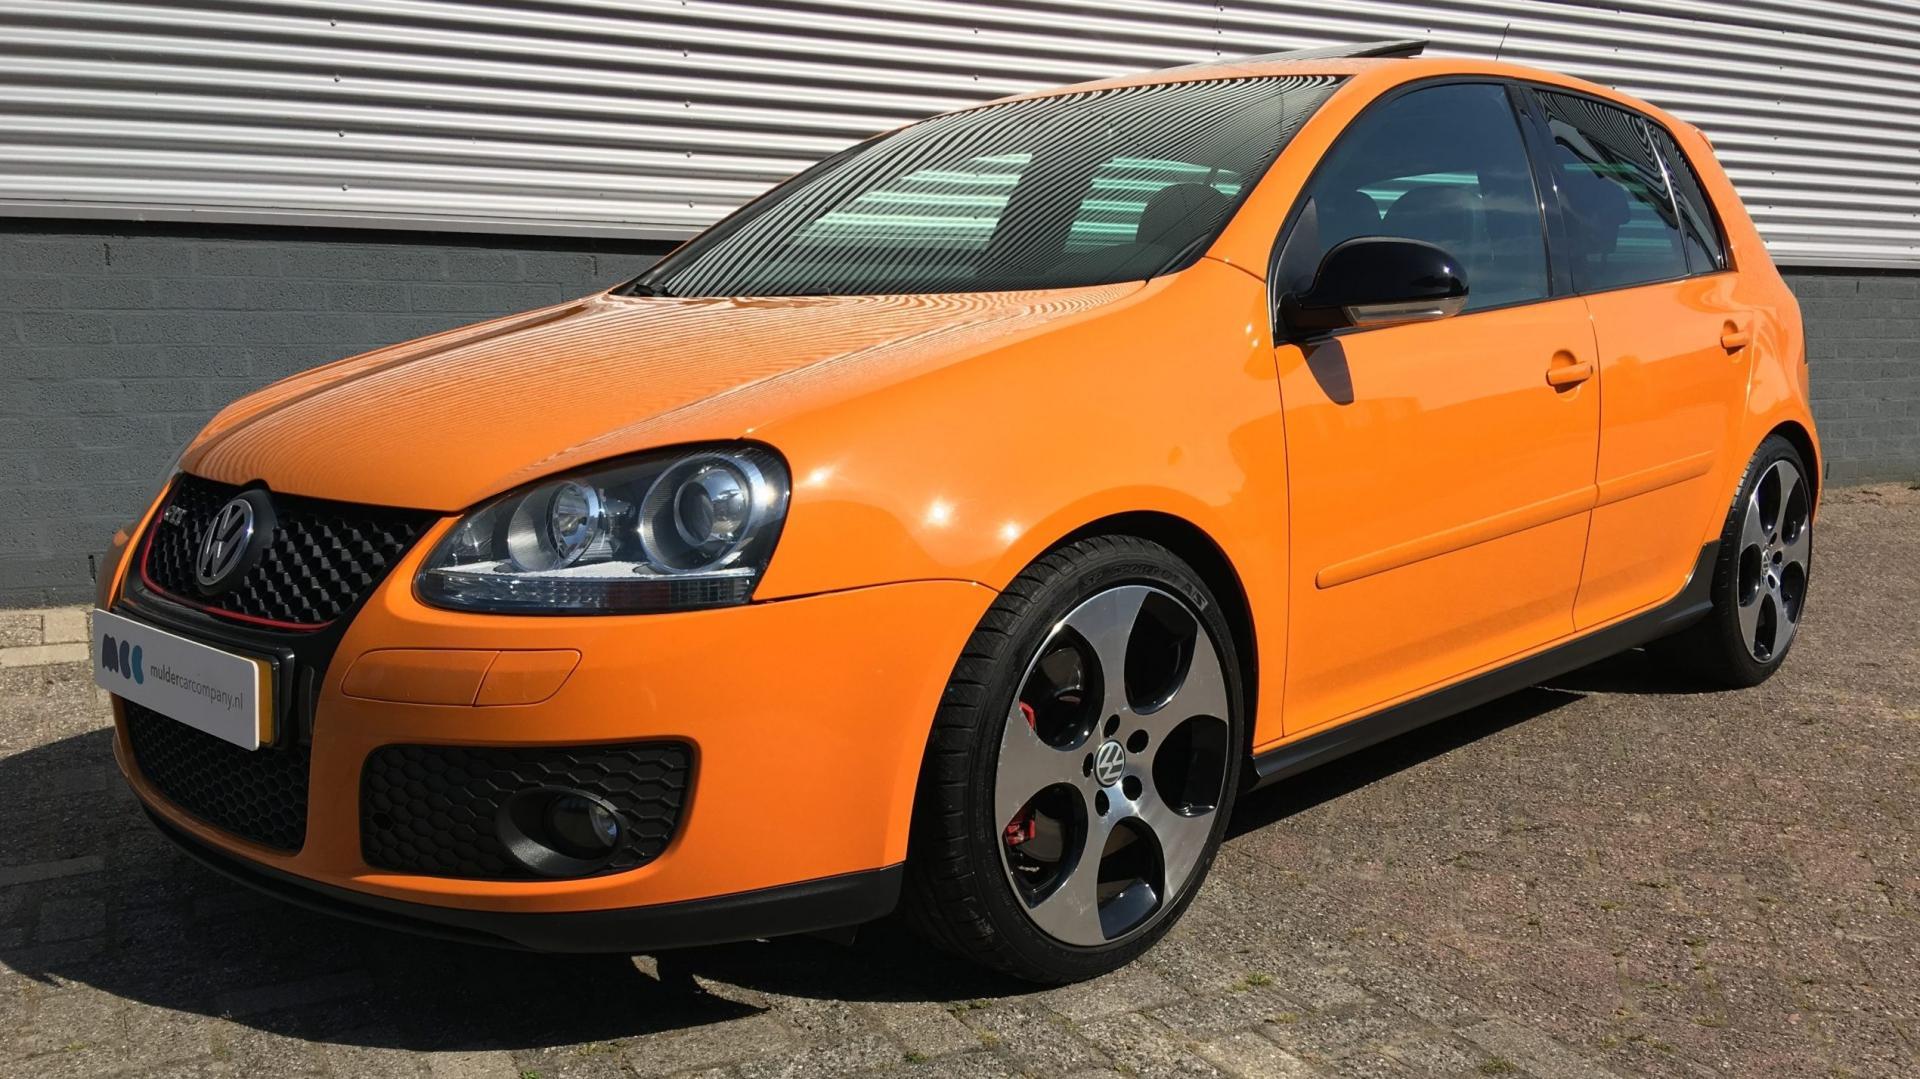 Golf GTI Magma Orange